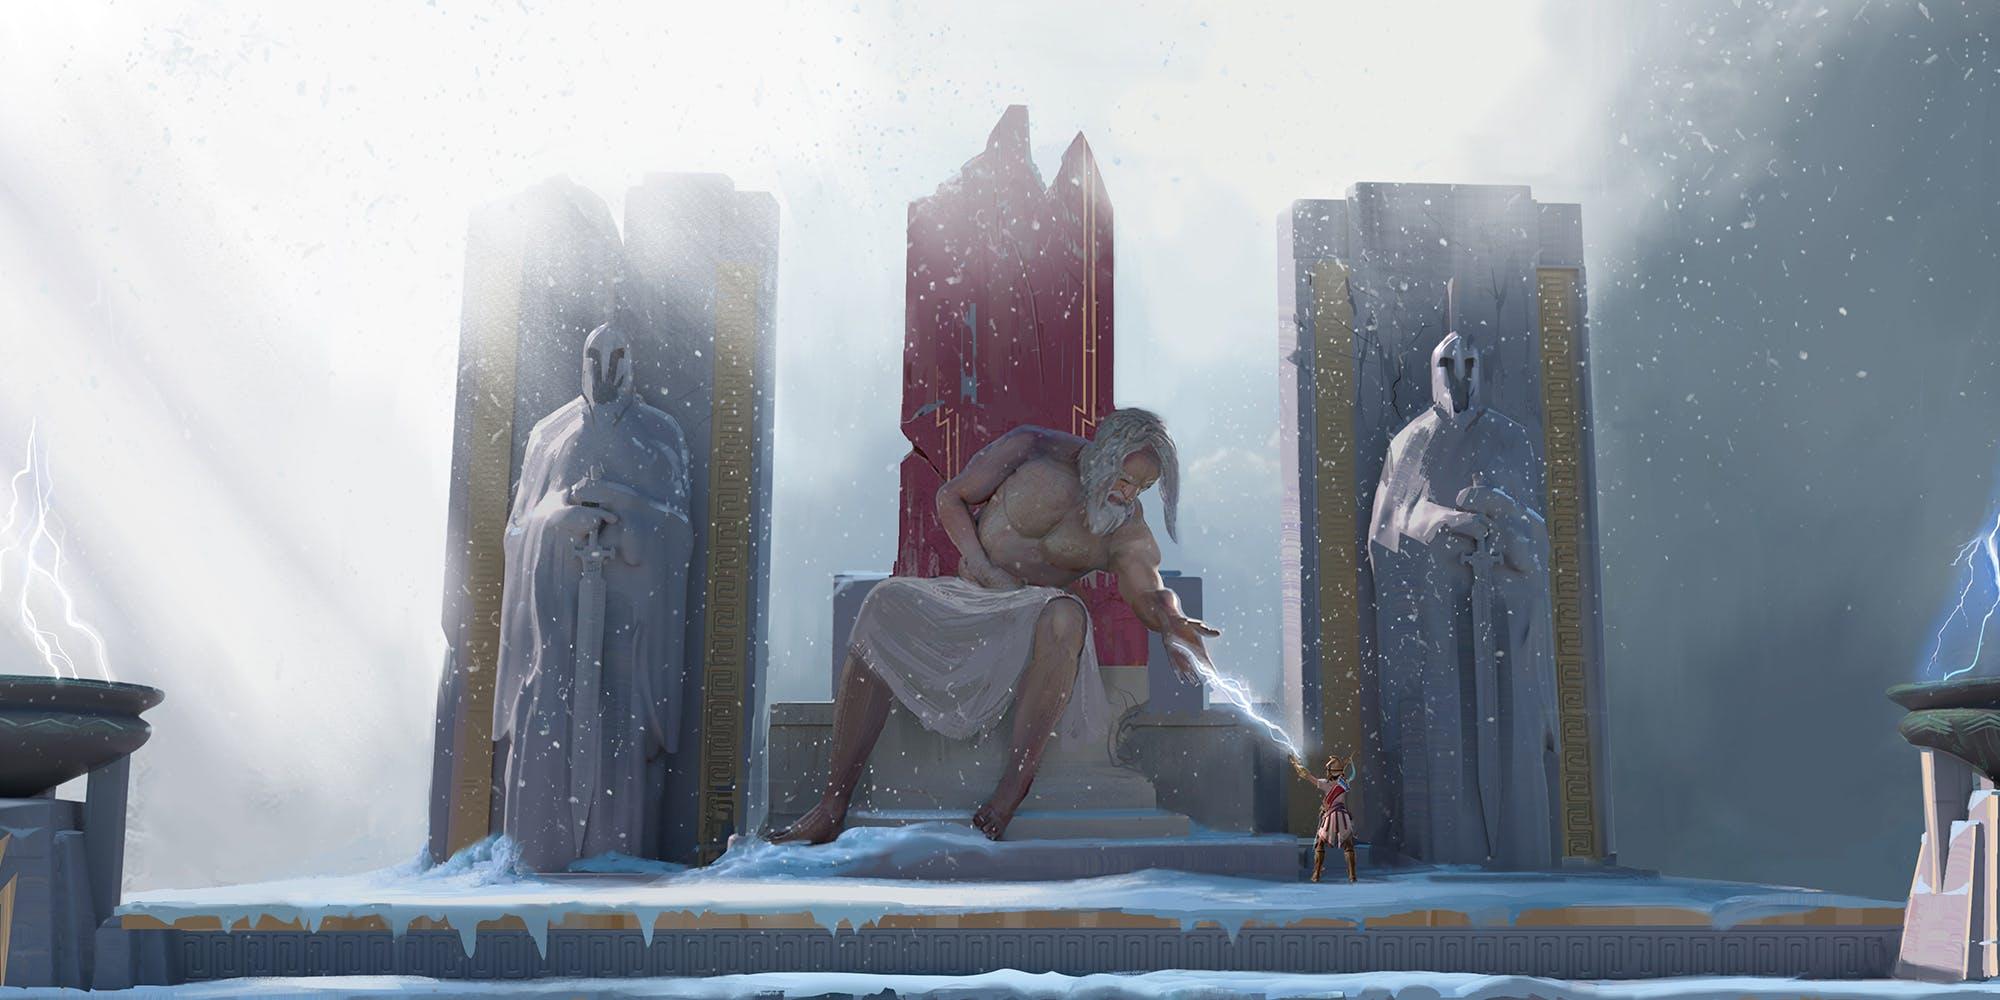 عنوان God & Monsters شما را به دنیای اسطورهها میبرد